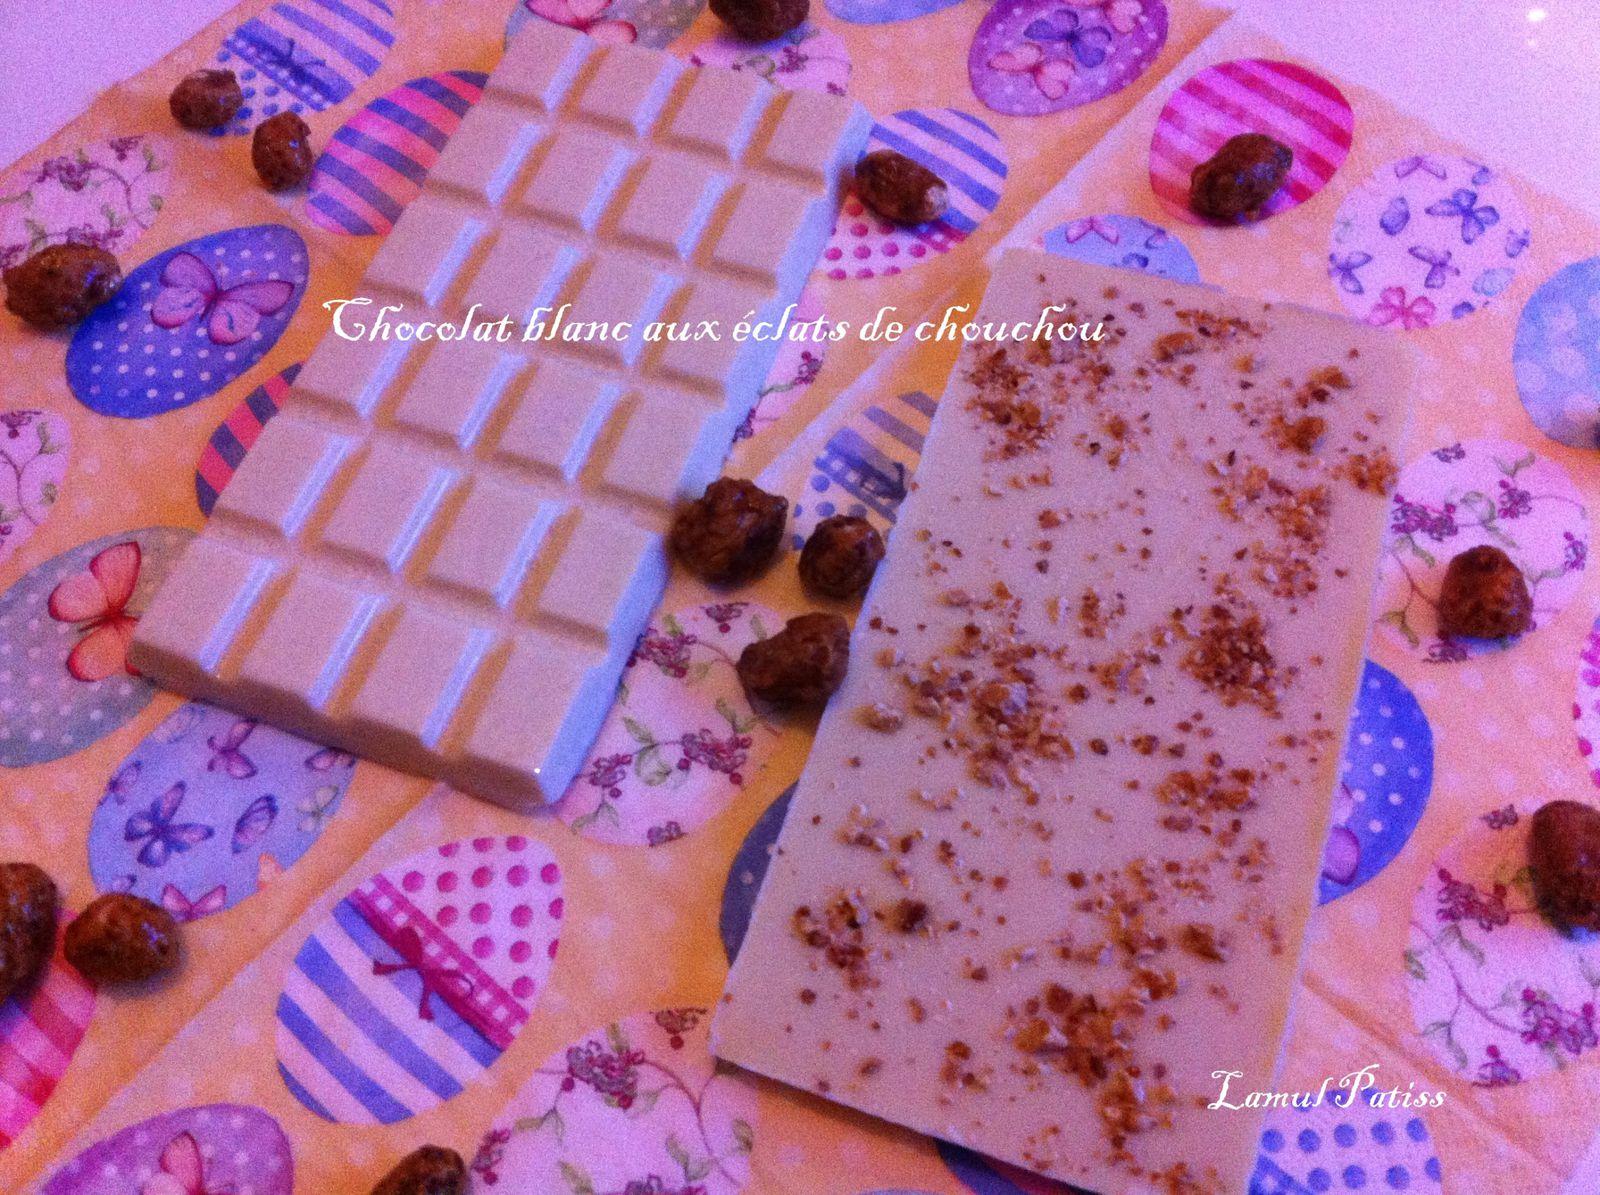 Tablettes chocolat blanc aux éclats de chouchous